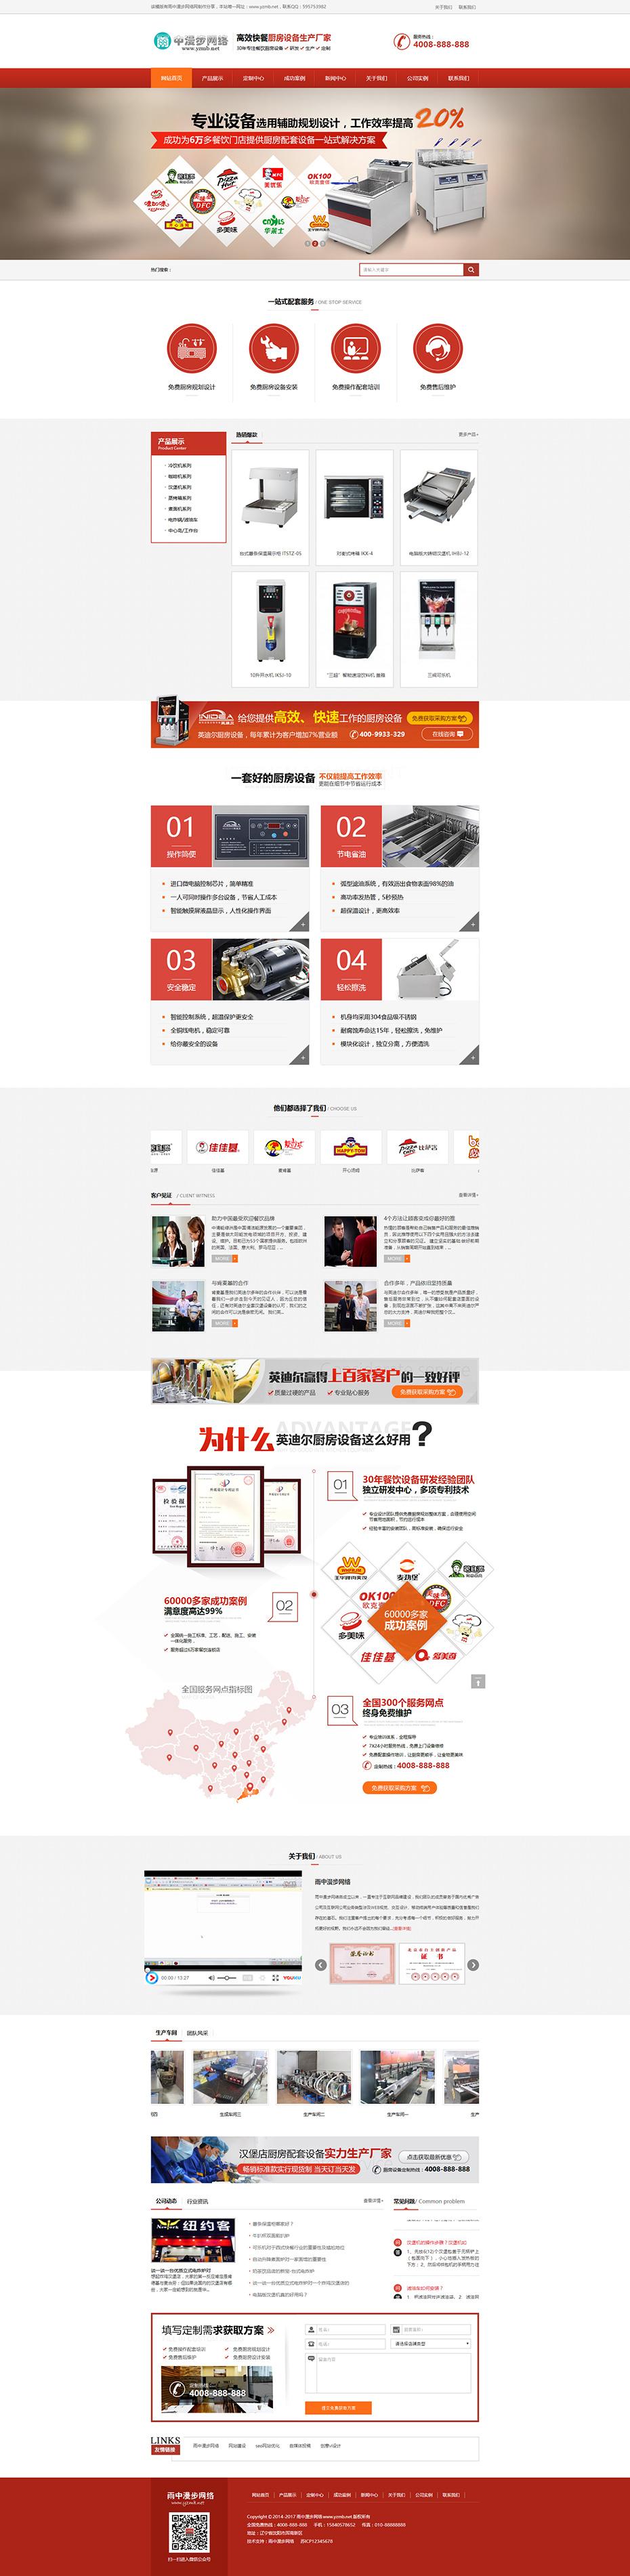 dede主题模板-(带手机版数据同步)营销型厨房橱柜机械工具展示类网站模版 第2张